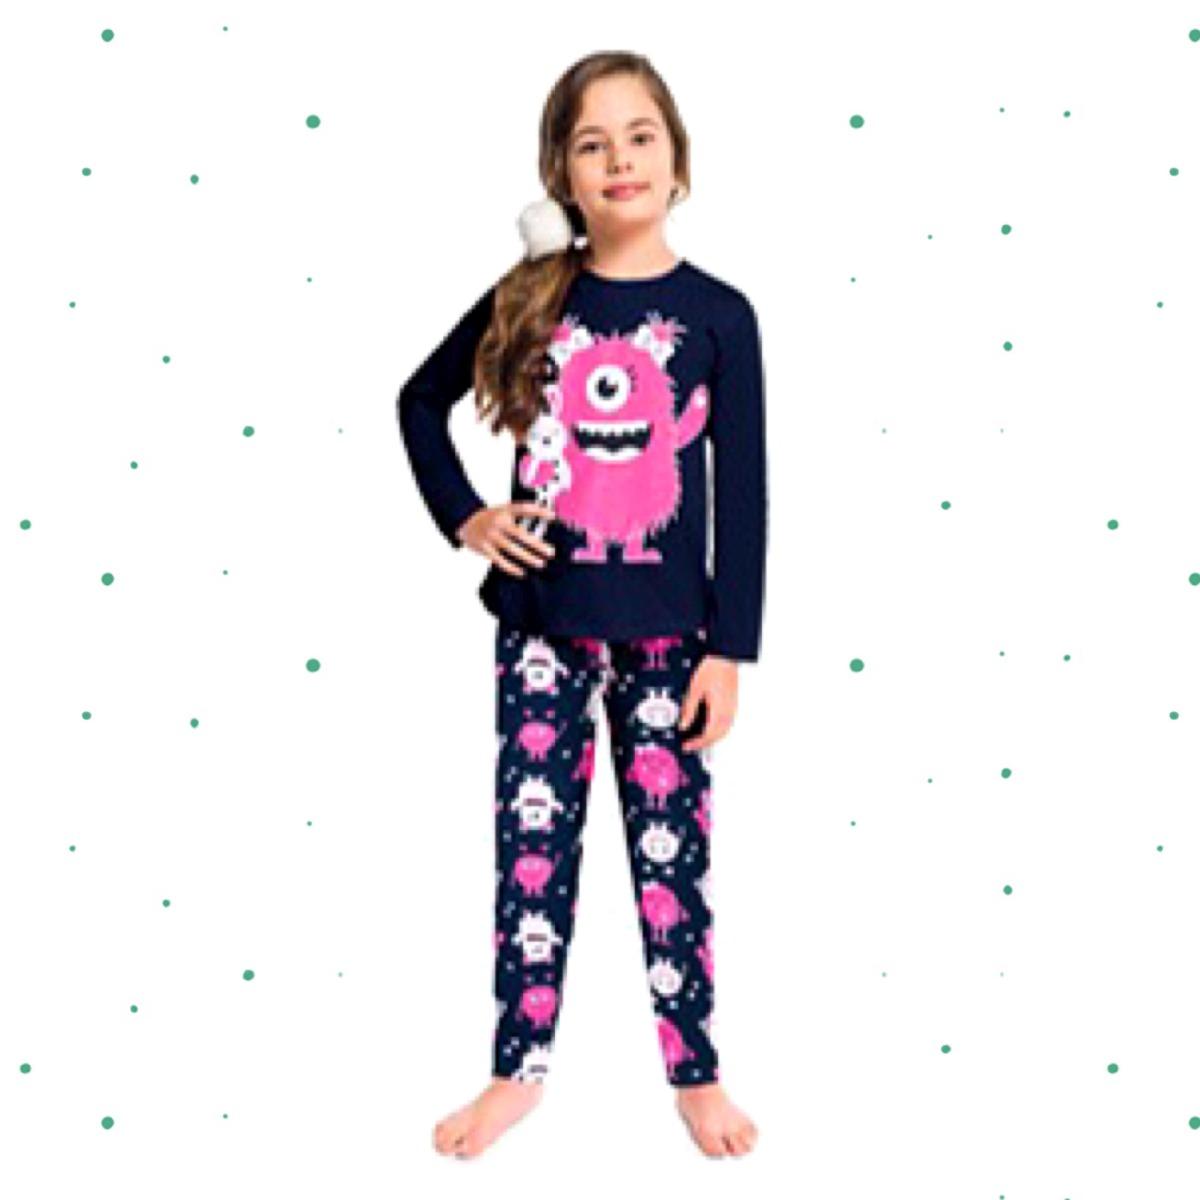 Pijama Menina Kyly em Algodão Brilha no Escuro cor Marinho